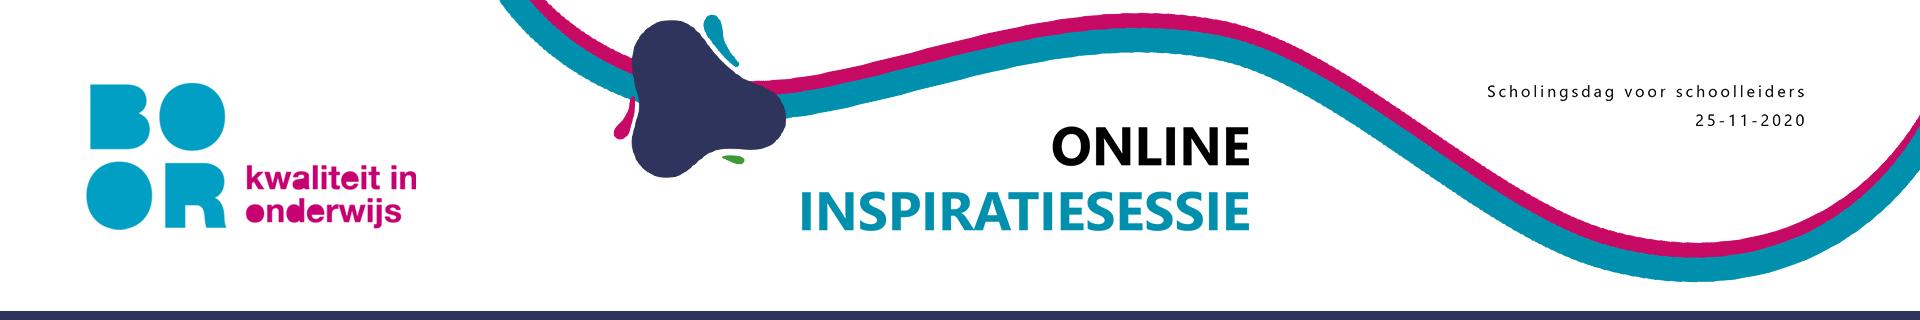 Online inspiratiesessie